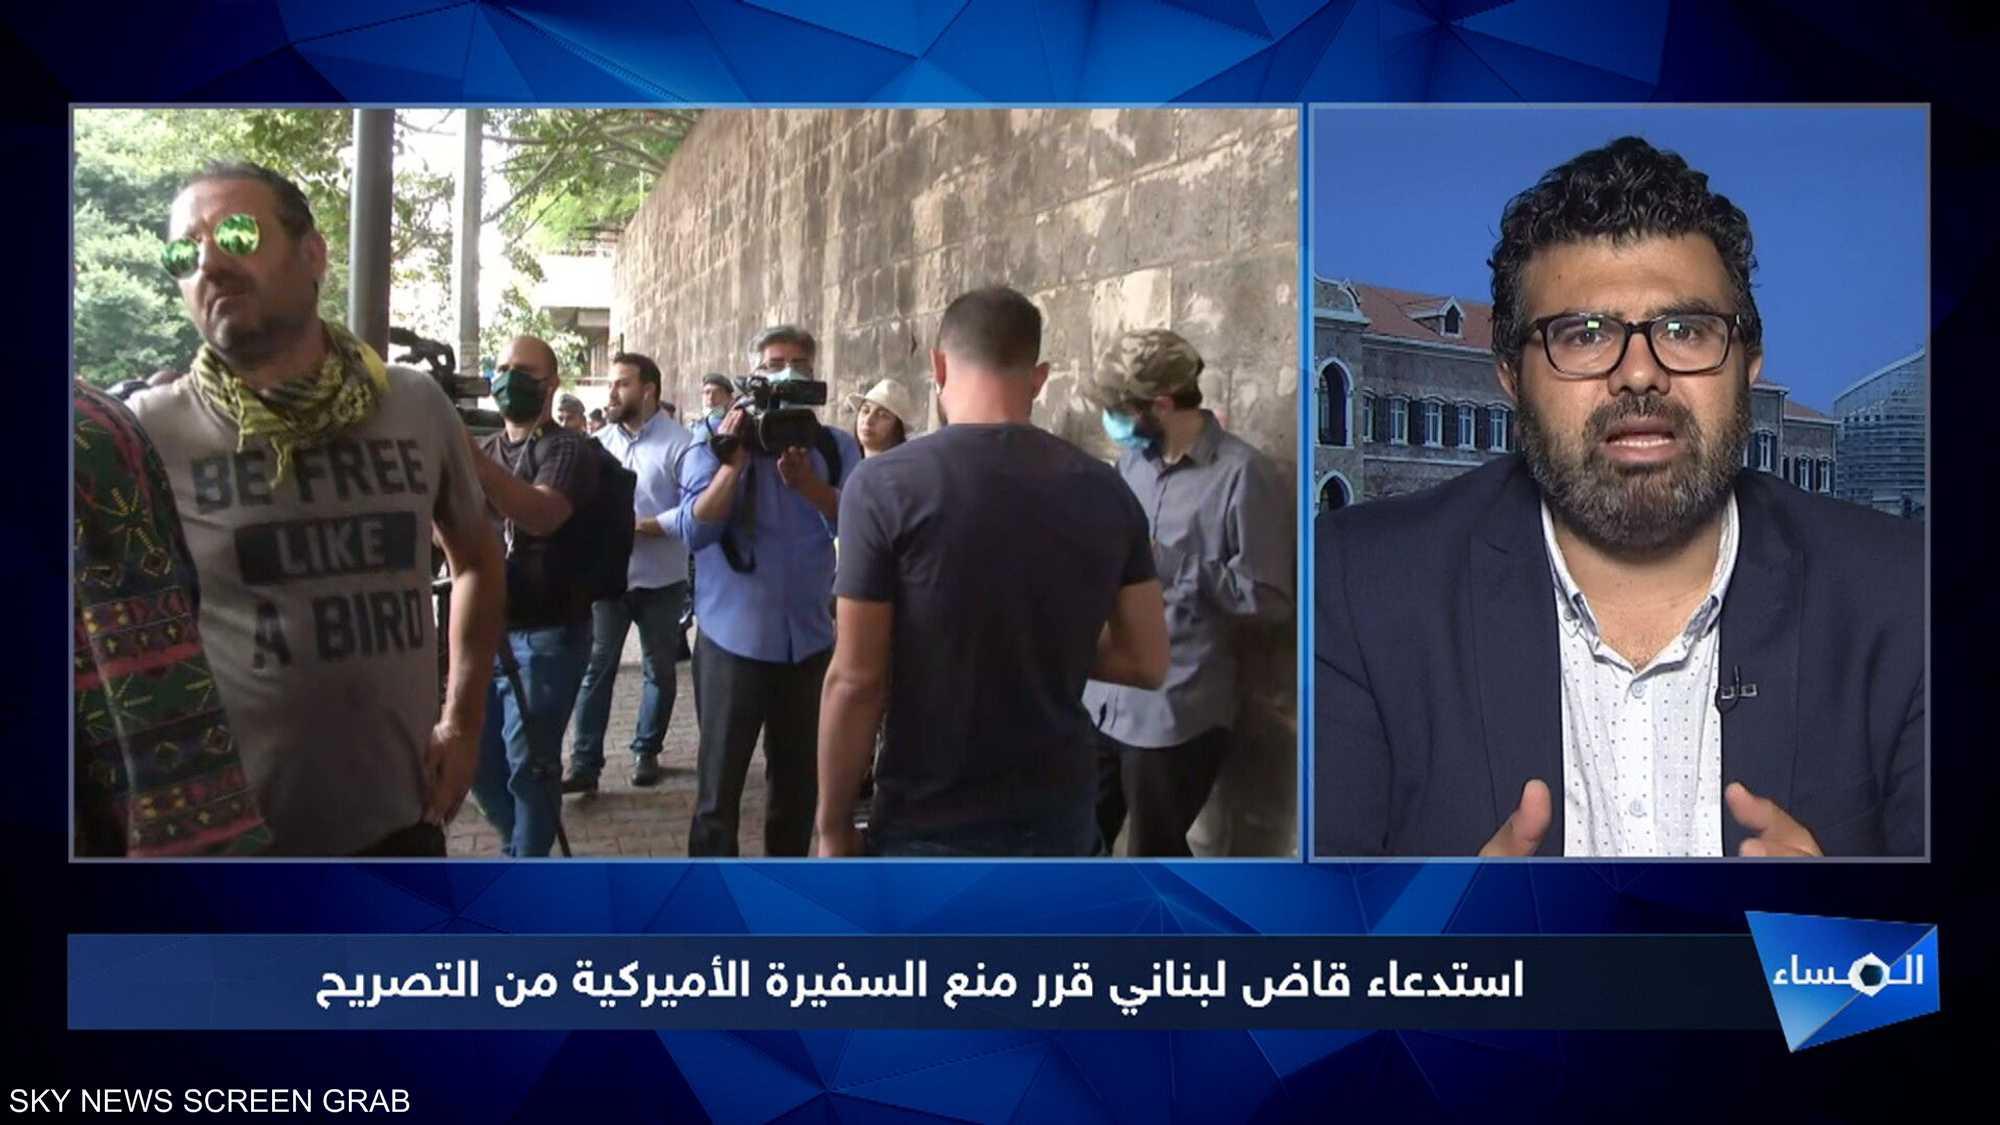 استدعاء قاض لبناني قرر منع السفيرة الأميركية من التصريح